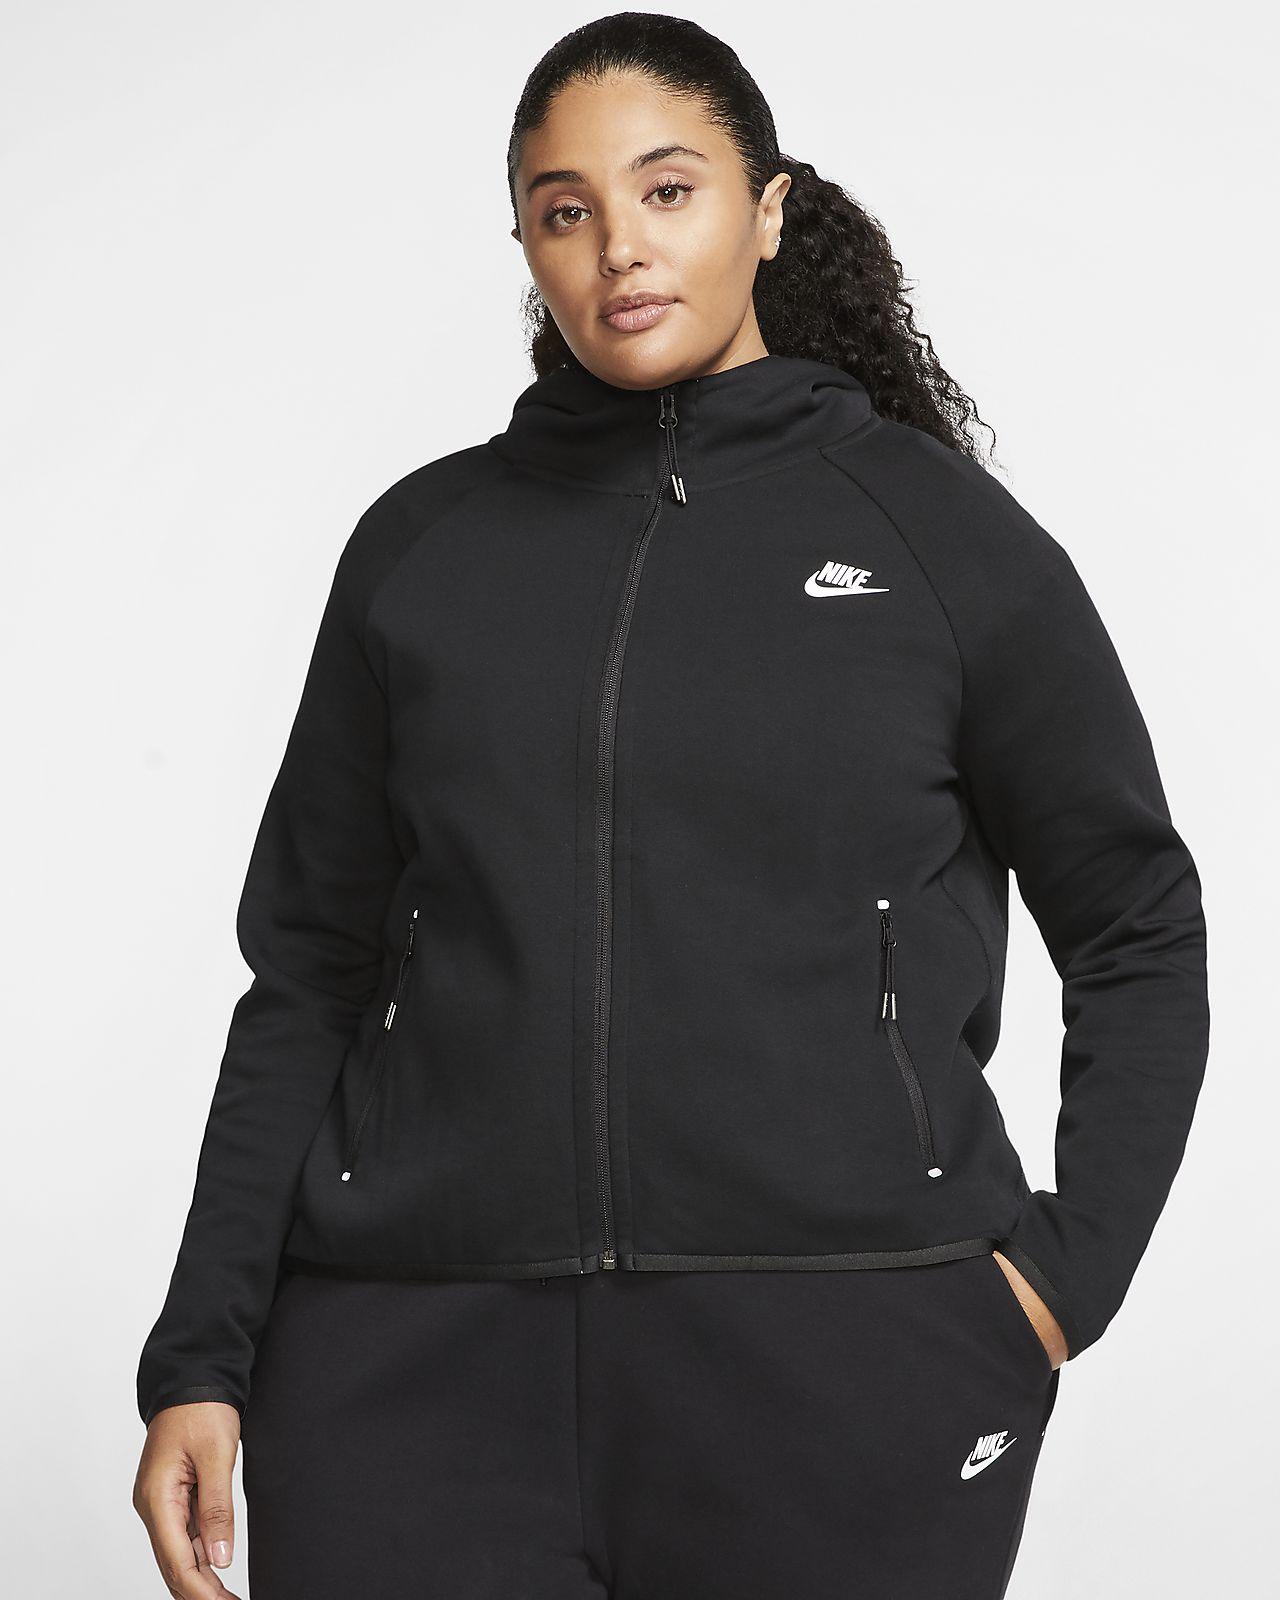 Nike Tech Fleece Bomber Girl's Jacket, Girls, Tech Fleece